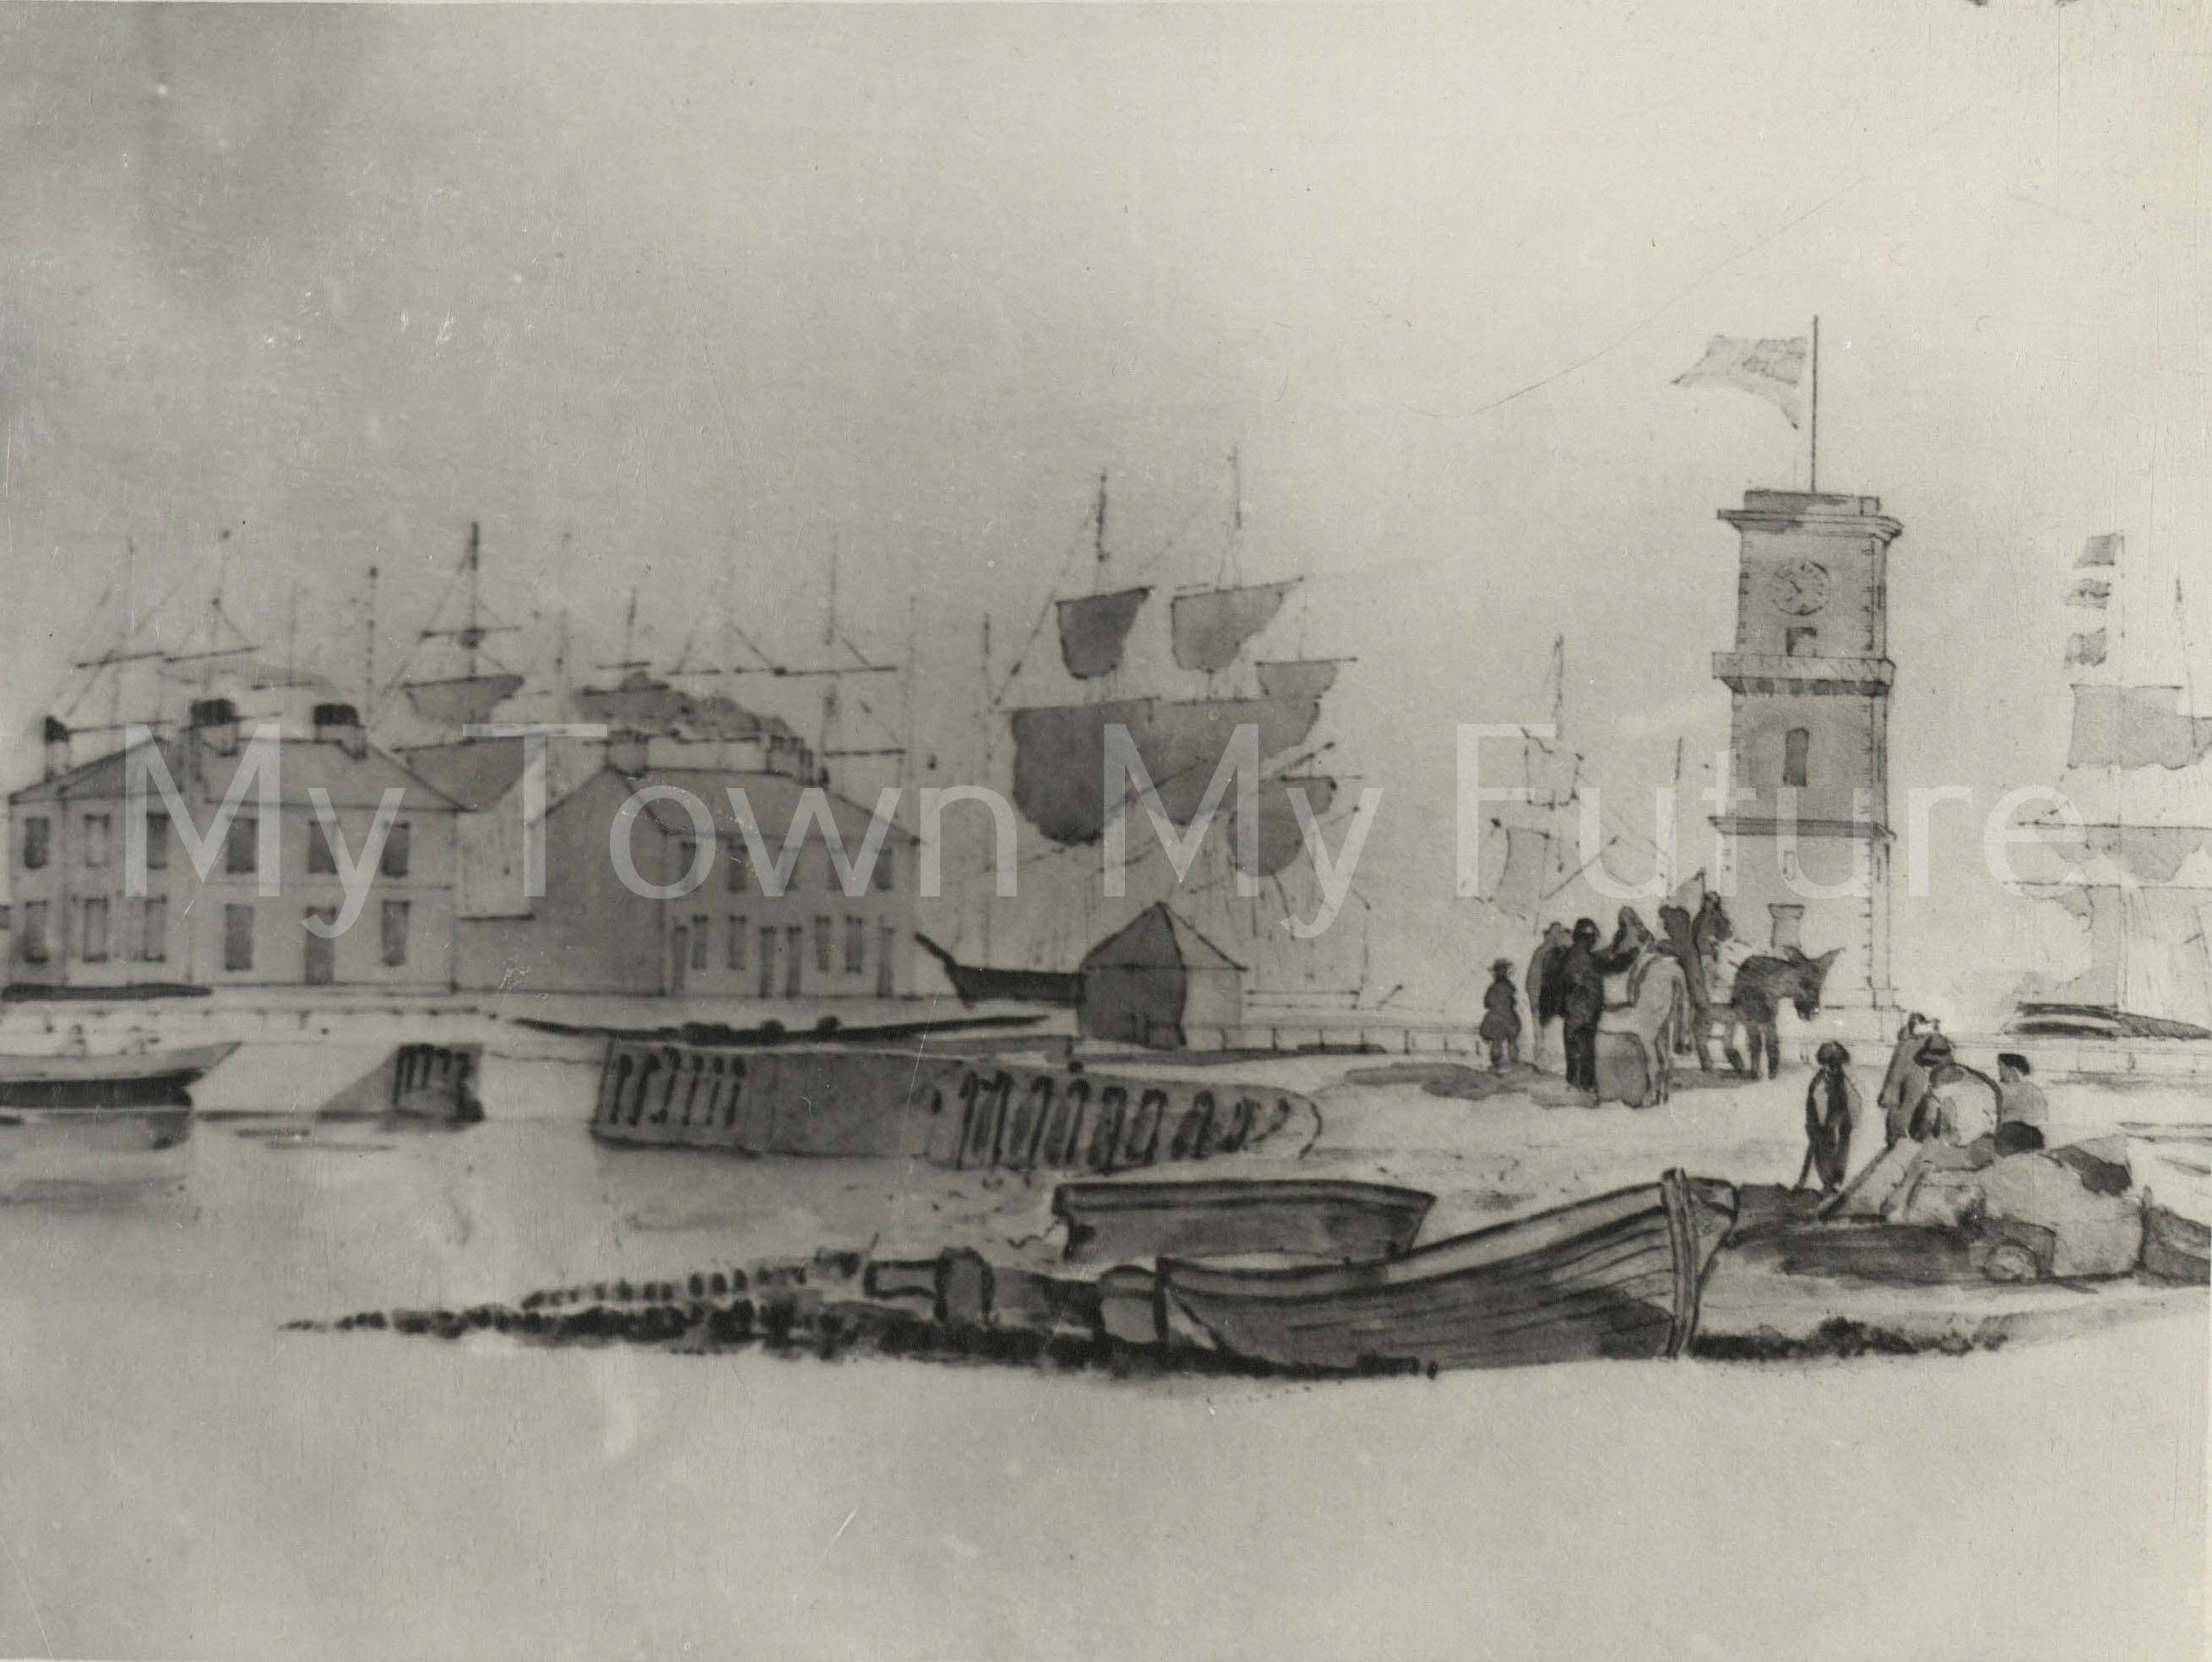 Middlesbrough Docks 1855